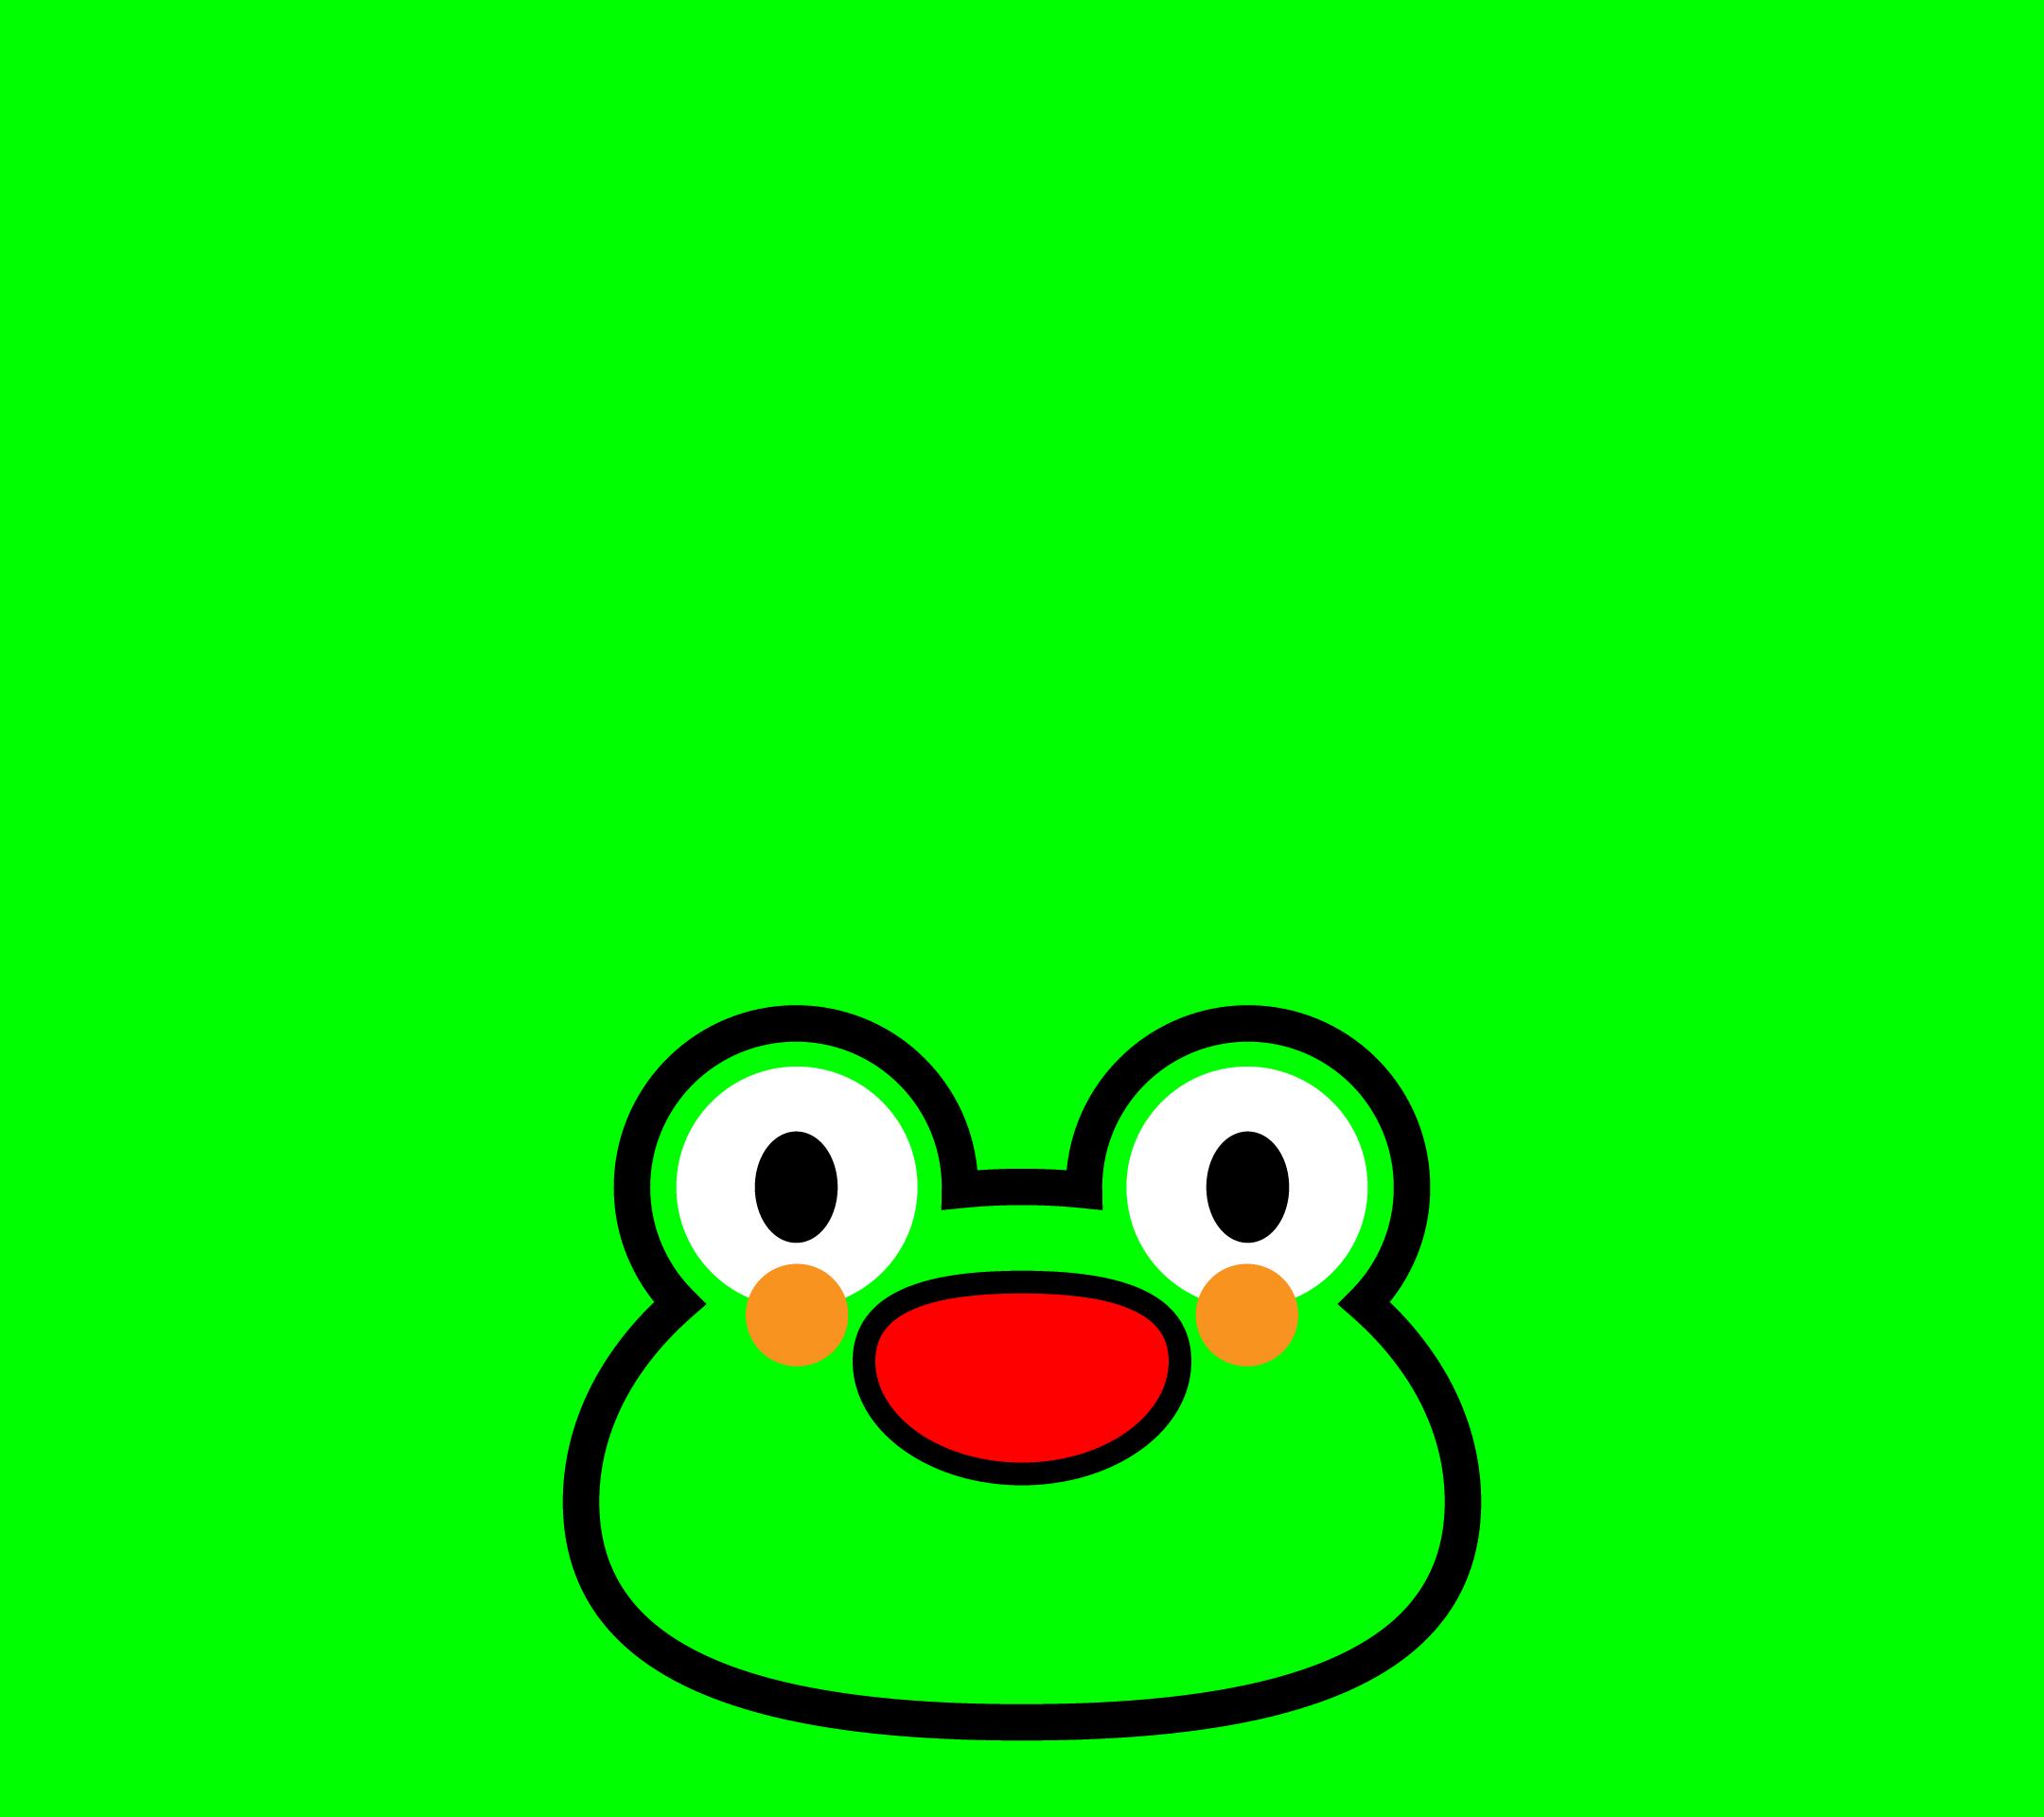 かわいい顔だけカエル壁紙(Android)の無料イラスト・商用フリー